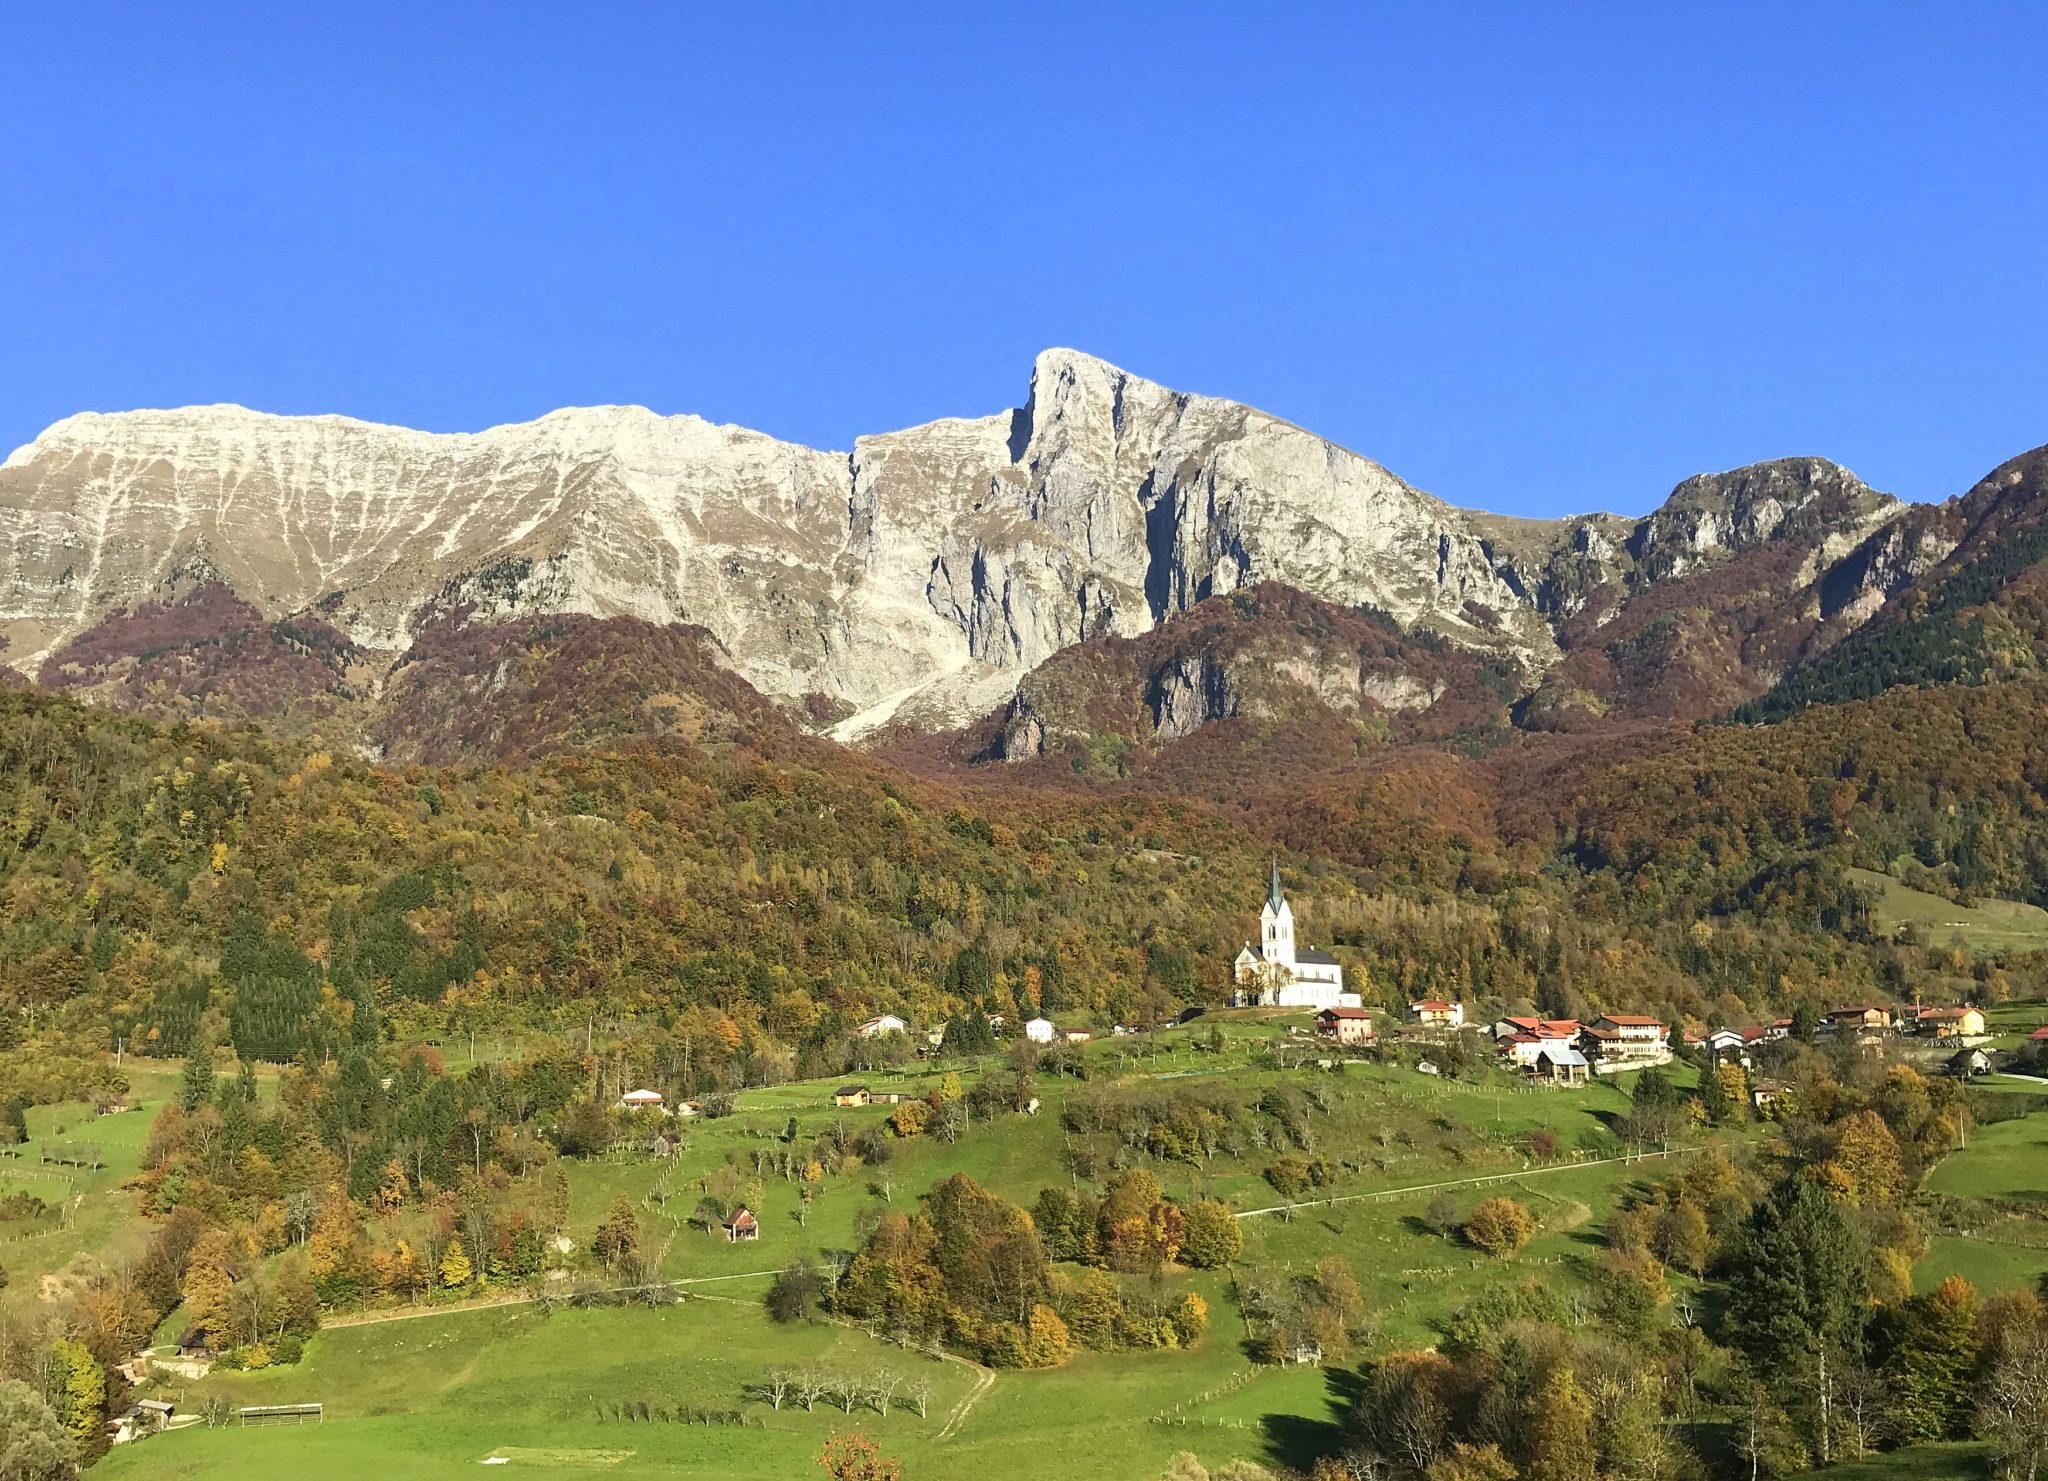 Mt. Krn and the Drežnica Village